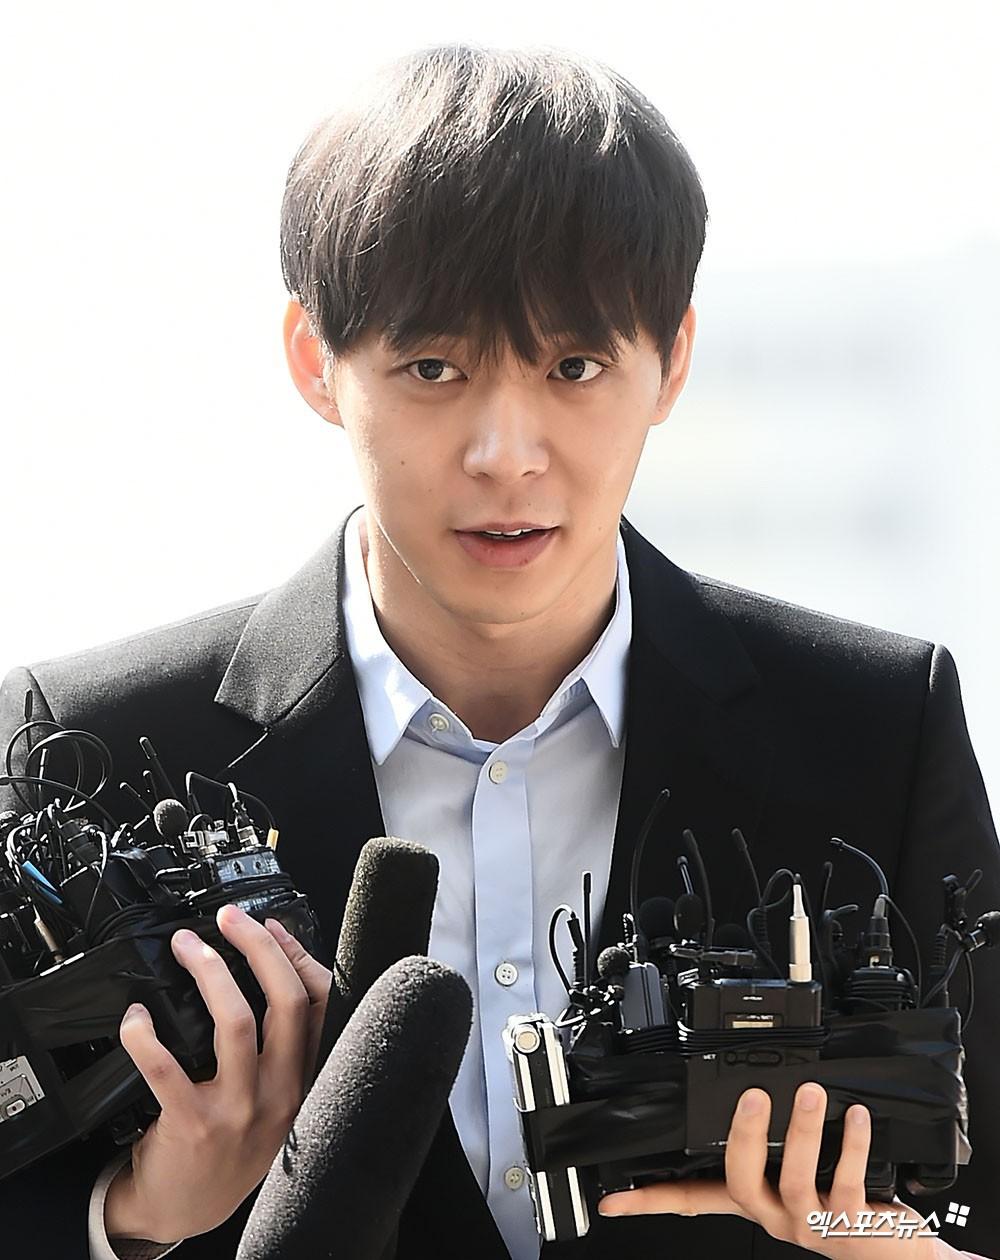 Giữa scandal ma tuý đá, đôi chân lở loét, chi chít mụn phồng rộp của Yoochun trở thành tiêu điểm nóng trên Weibo - Ảnh 7.